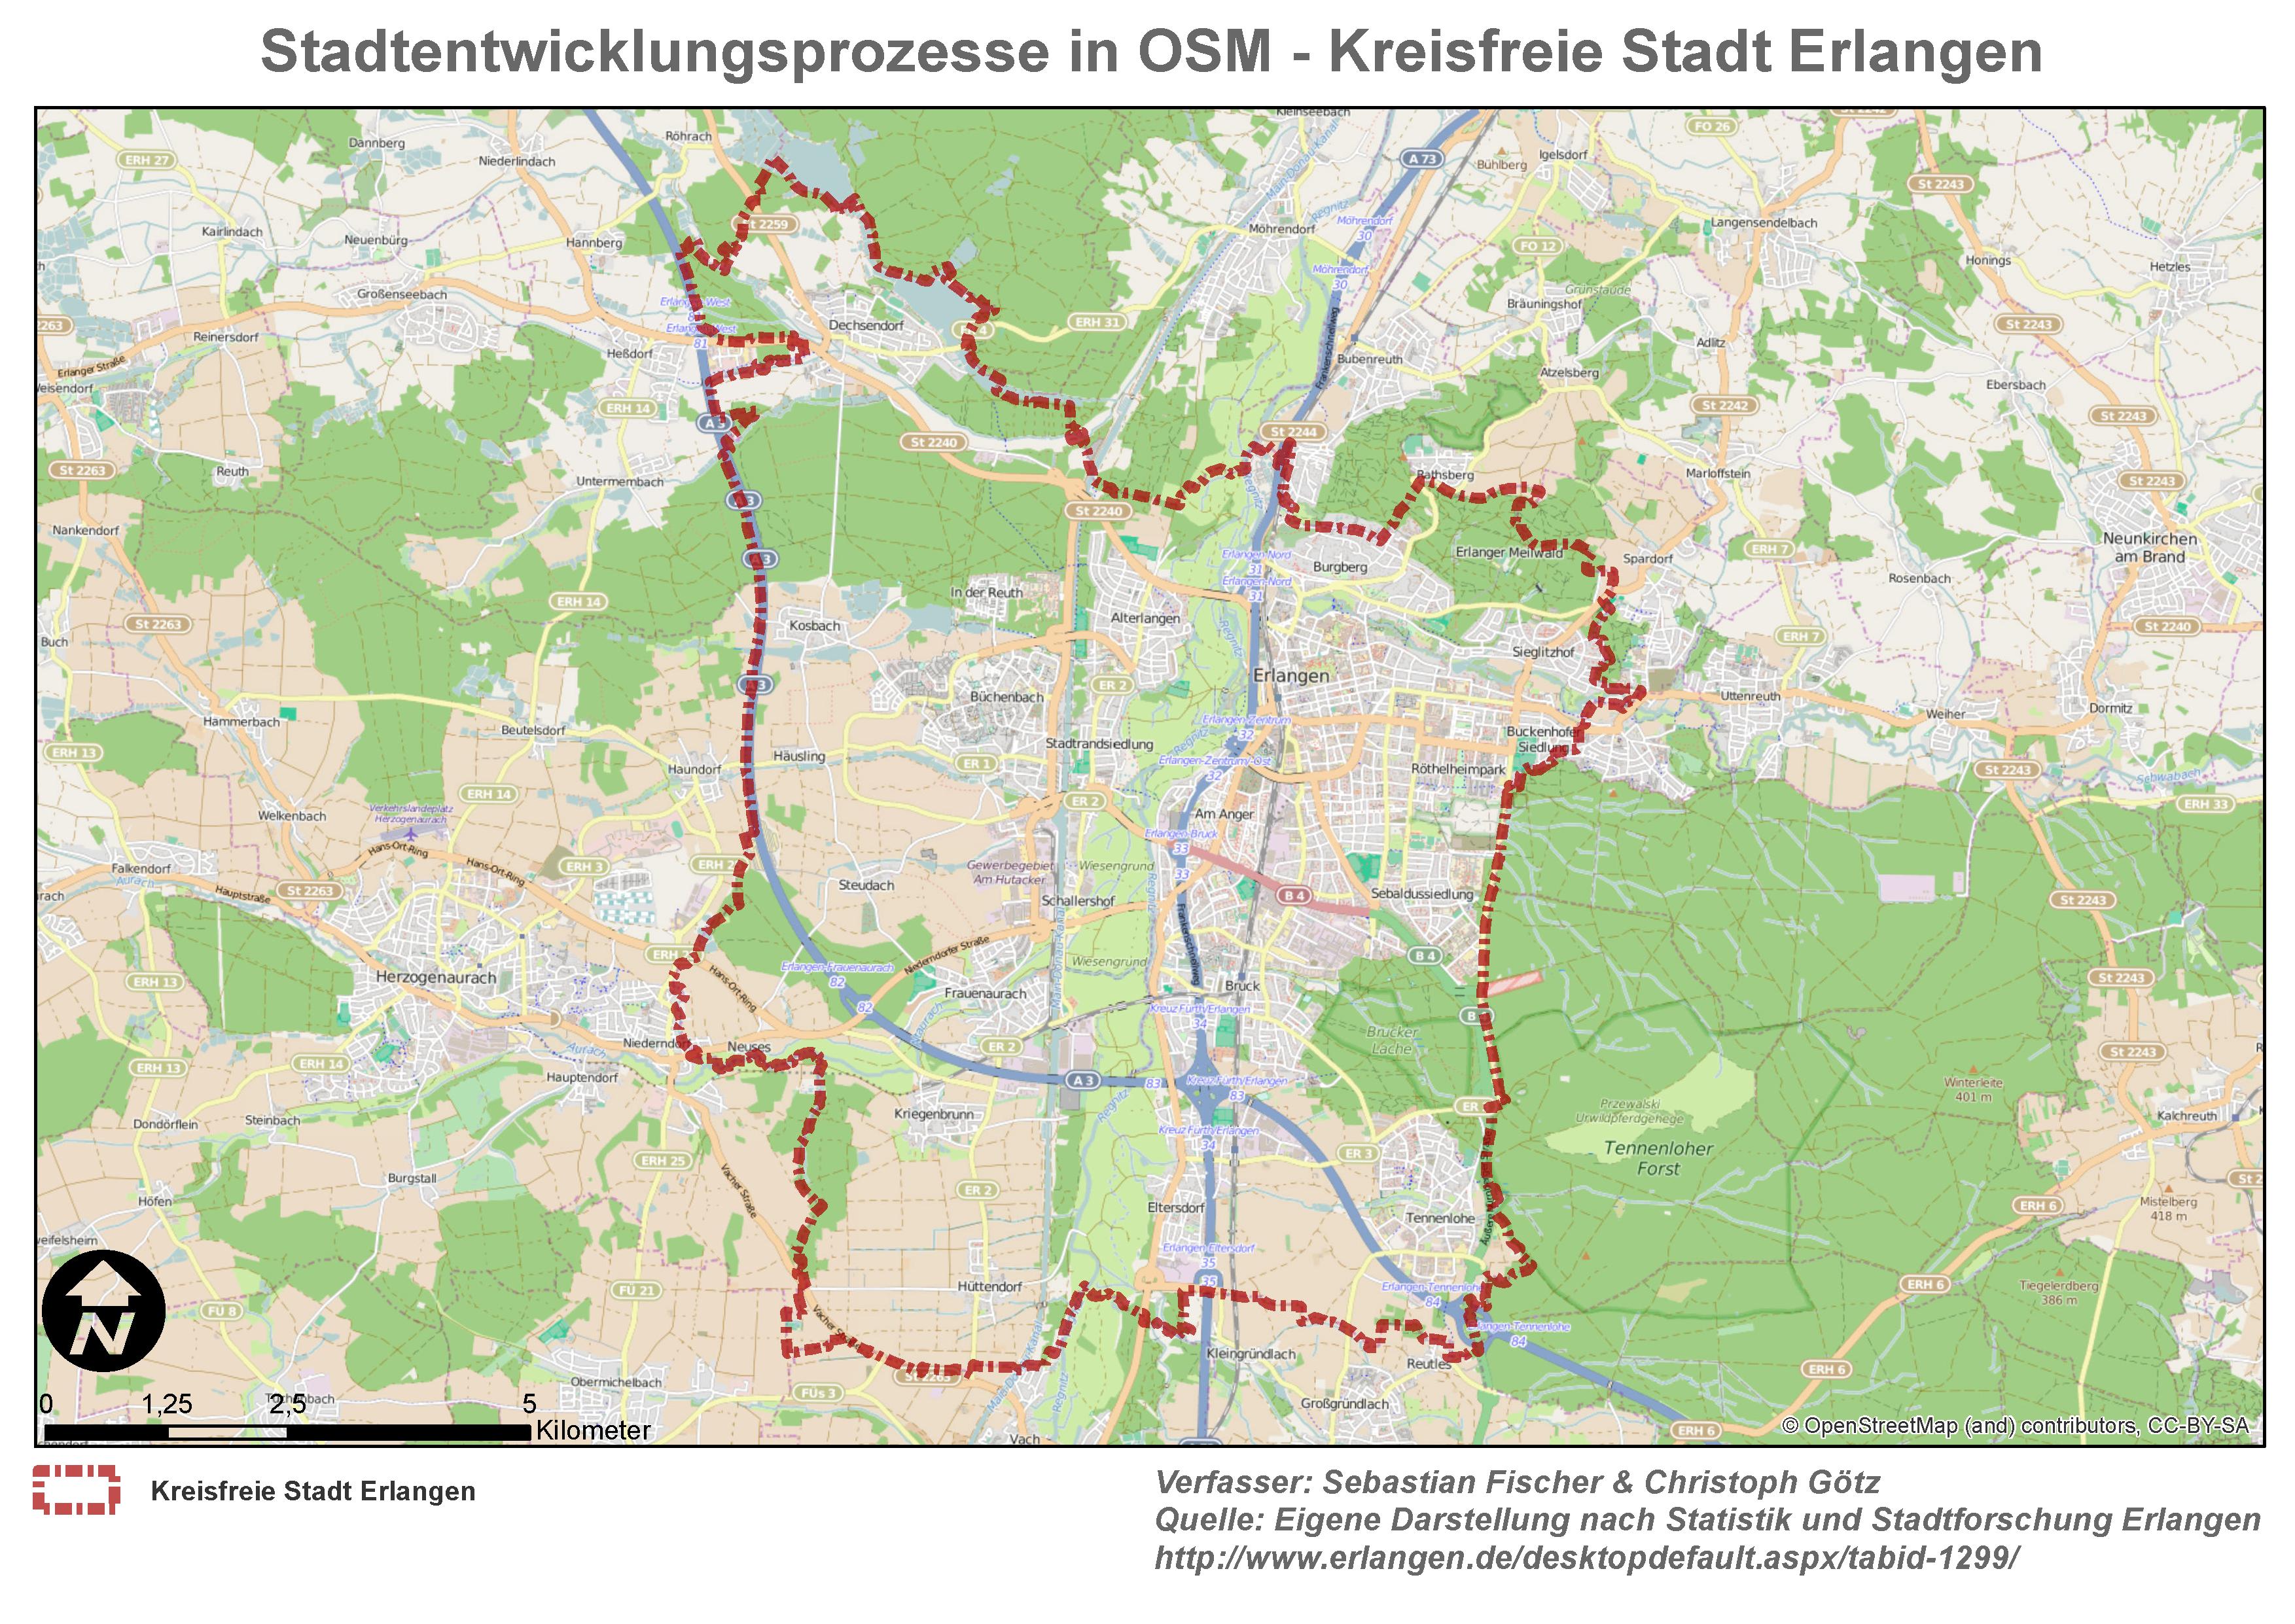 Stadtentwicklungsprozesse in OSM - Kreisfreie Stadt Erlangen